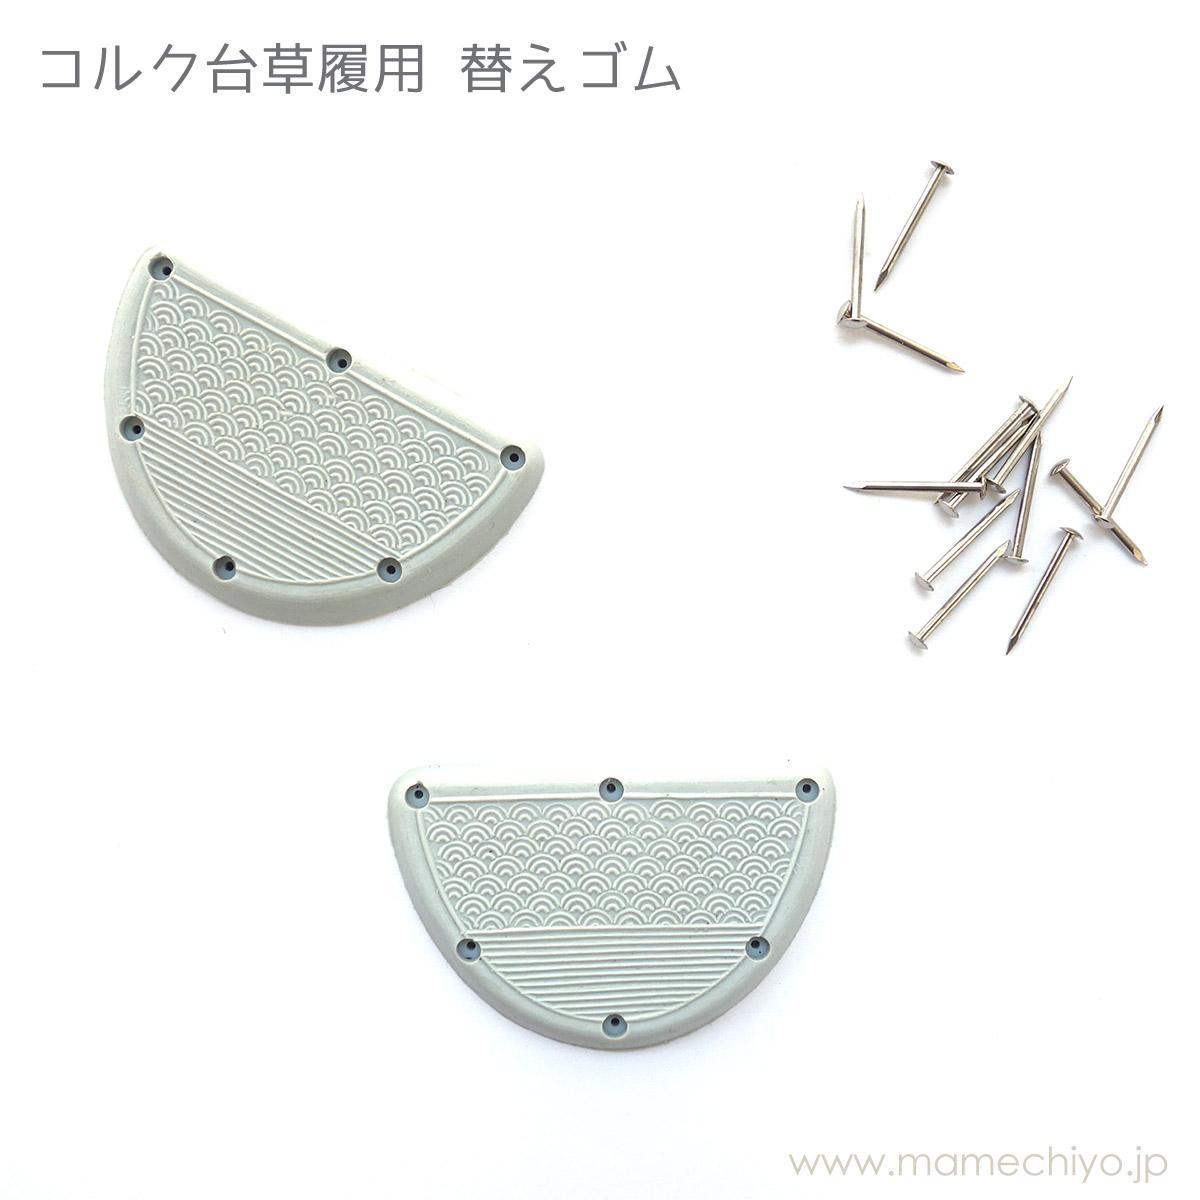 豆千代モダンの草履メンテナンス<かかとゴム交換>